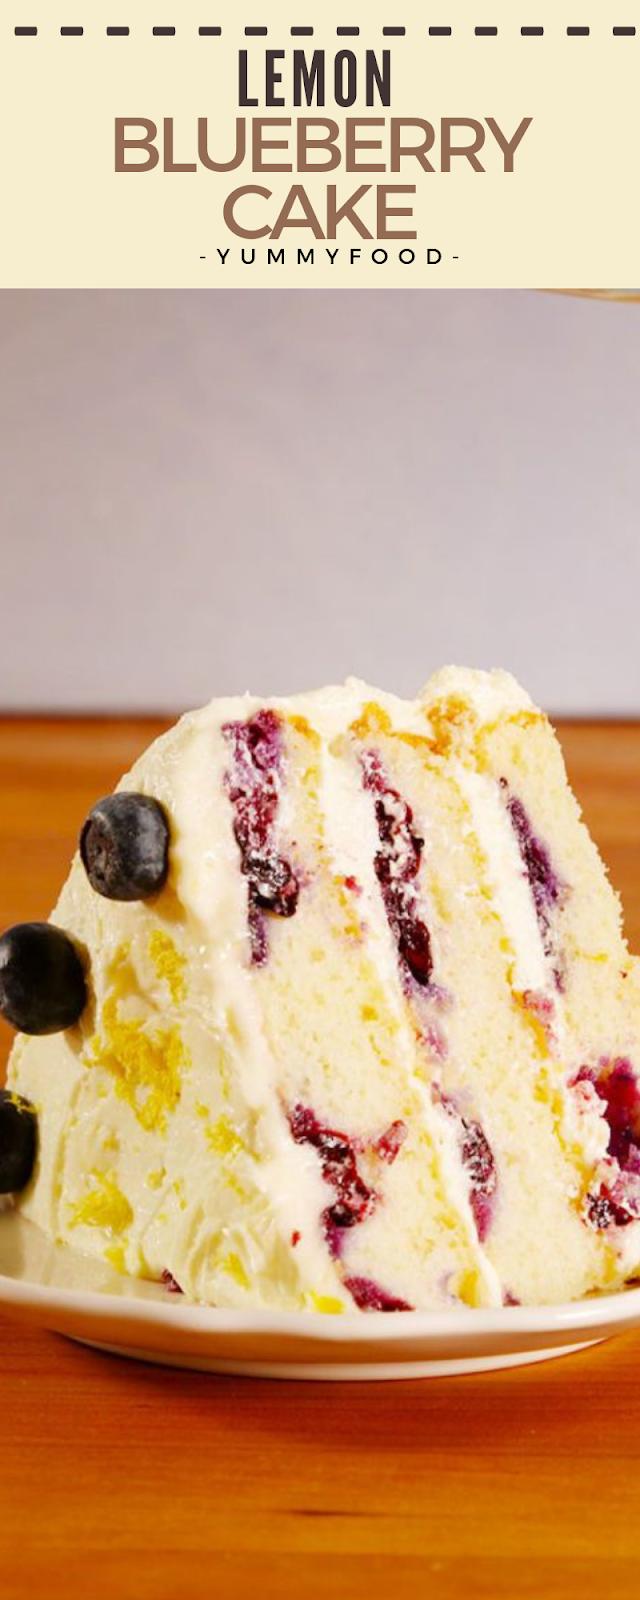 Lemon Bluеbеrrу Cake